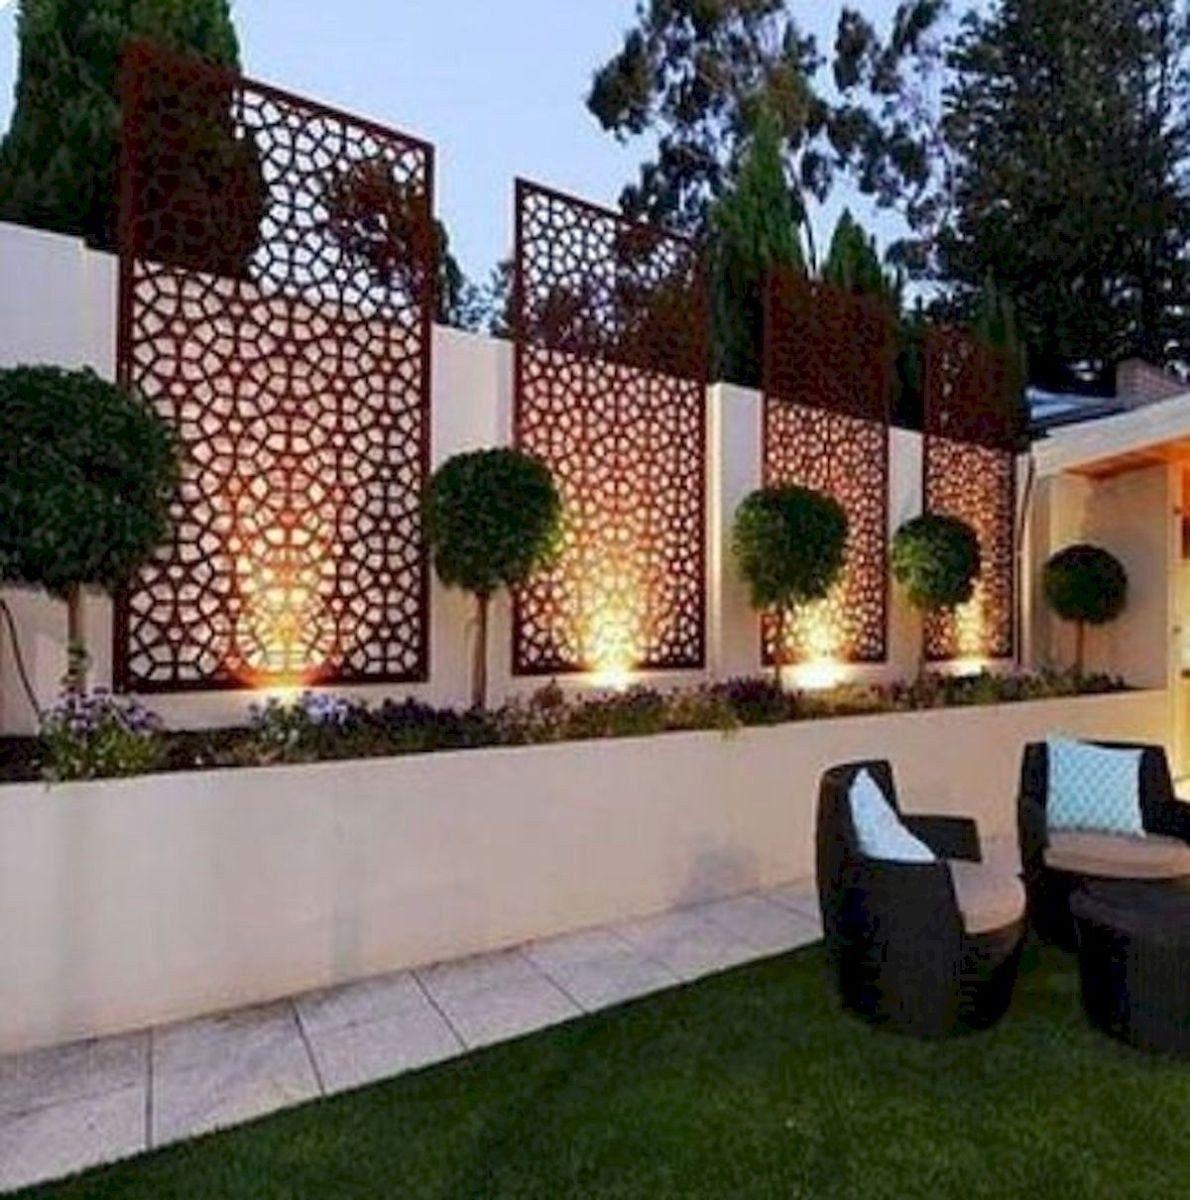 78 Ideas Of Modern Garden Fence Designs For Summer Ideas 73 Home Decor Diy Design Backyard Landscaping Designs Backyard Backyard Landscaping